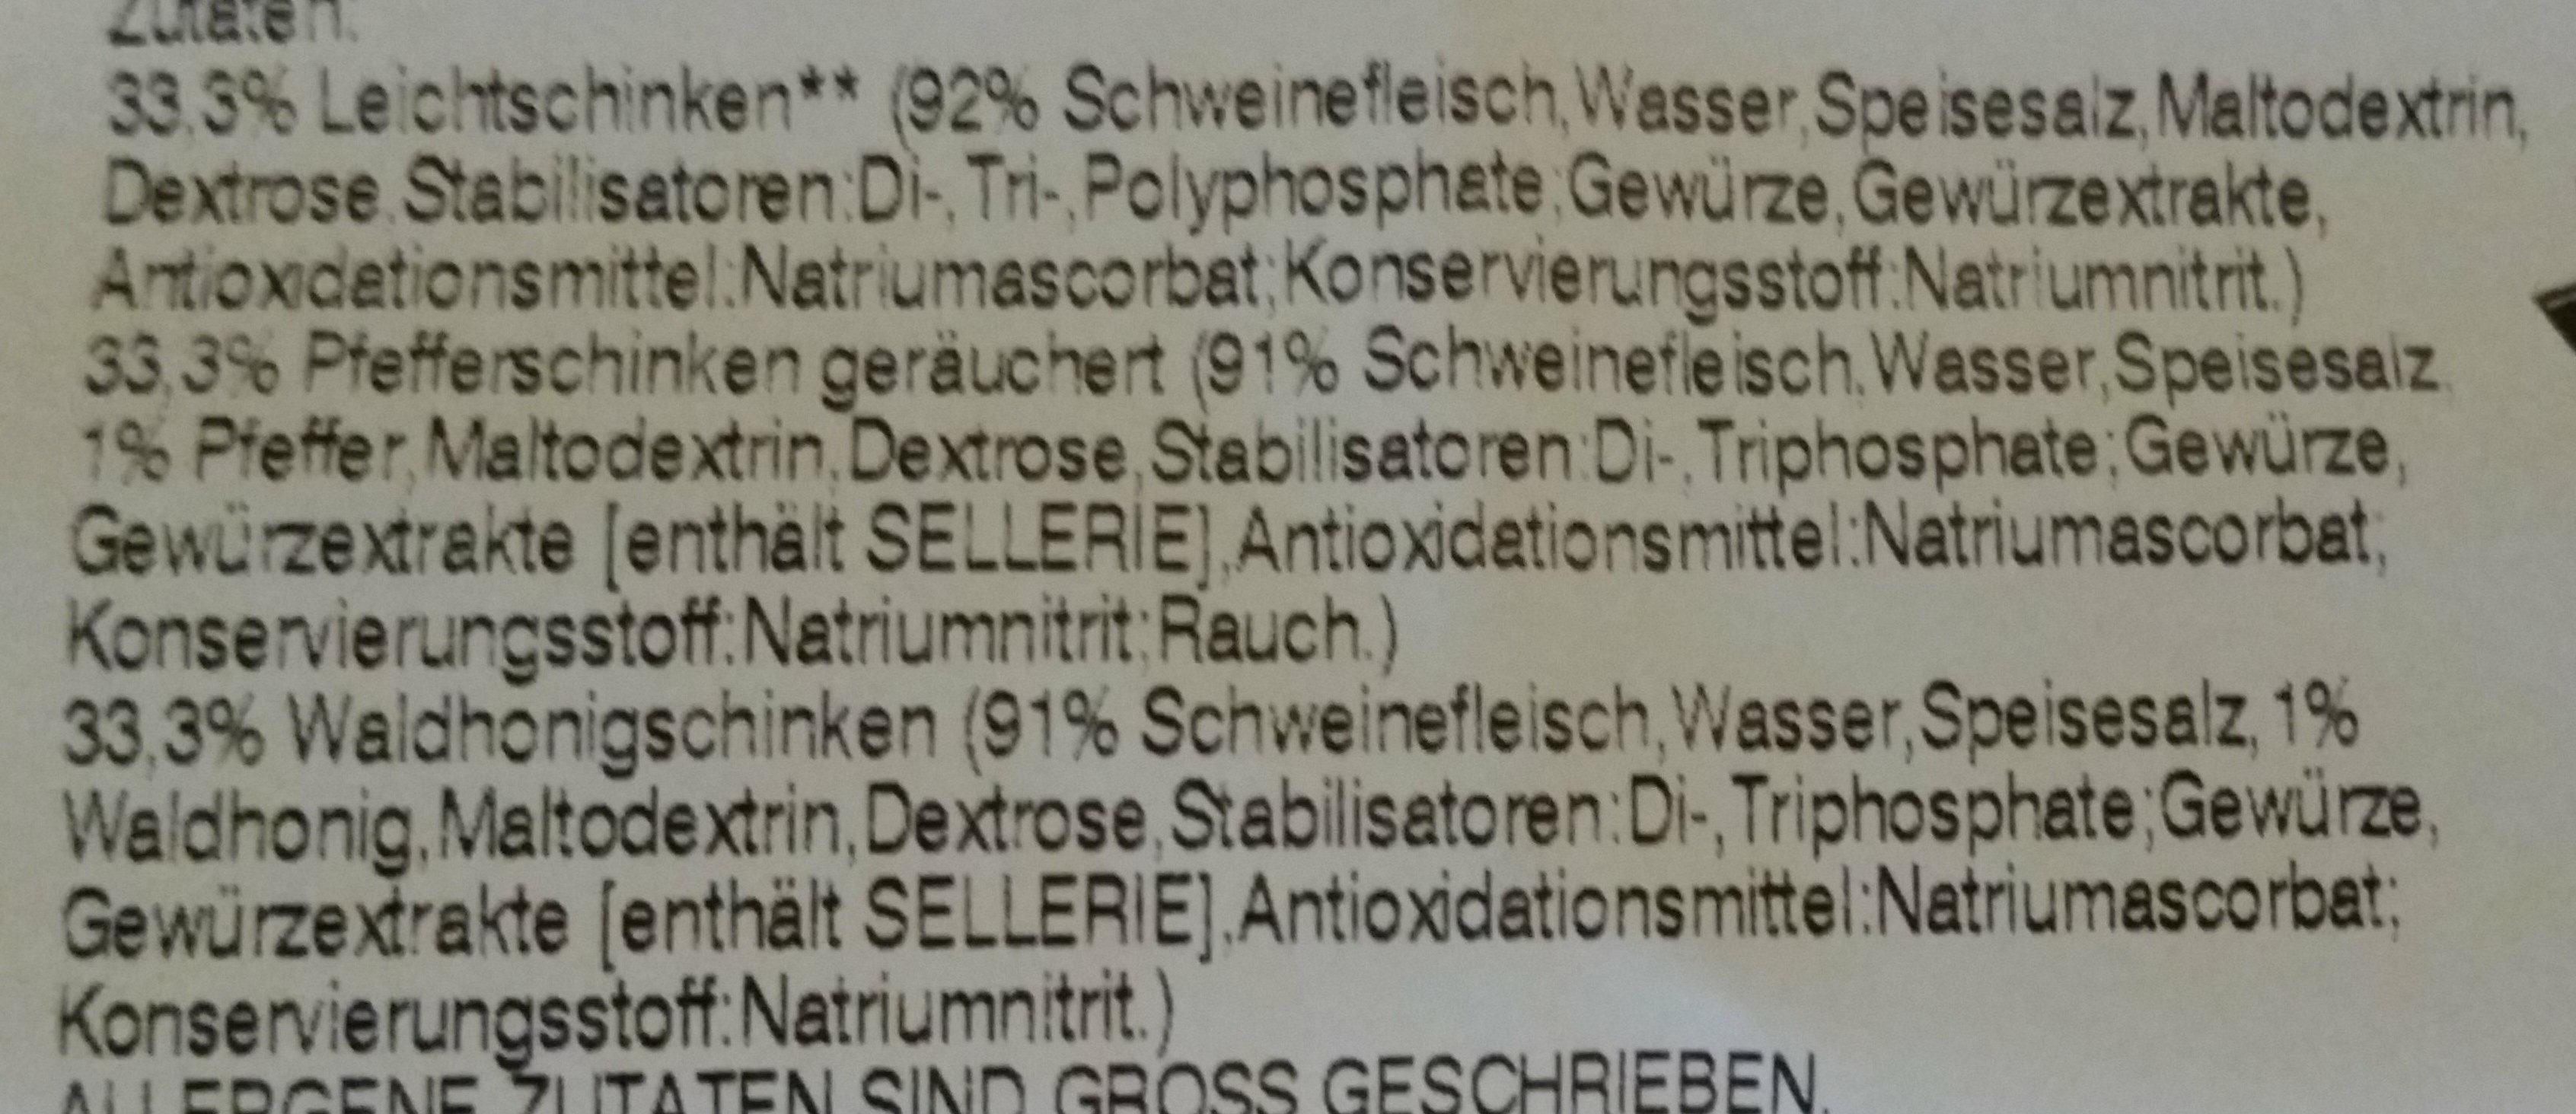 Feine Schinkenspezialitäten 3 Sorten - Ingredients - de